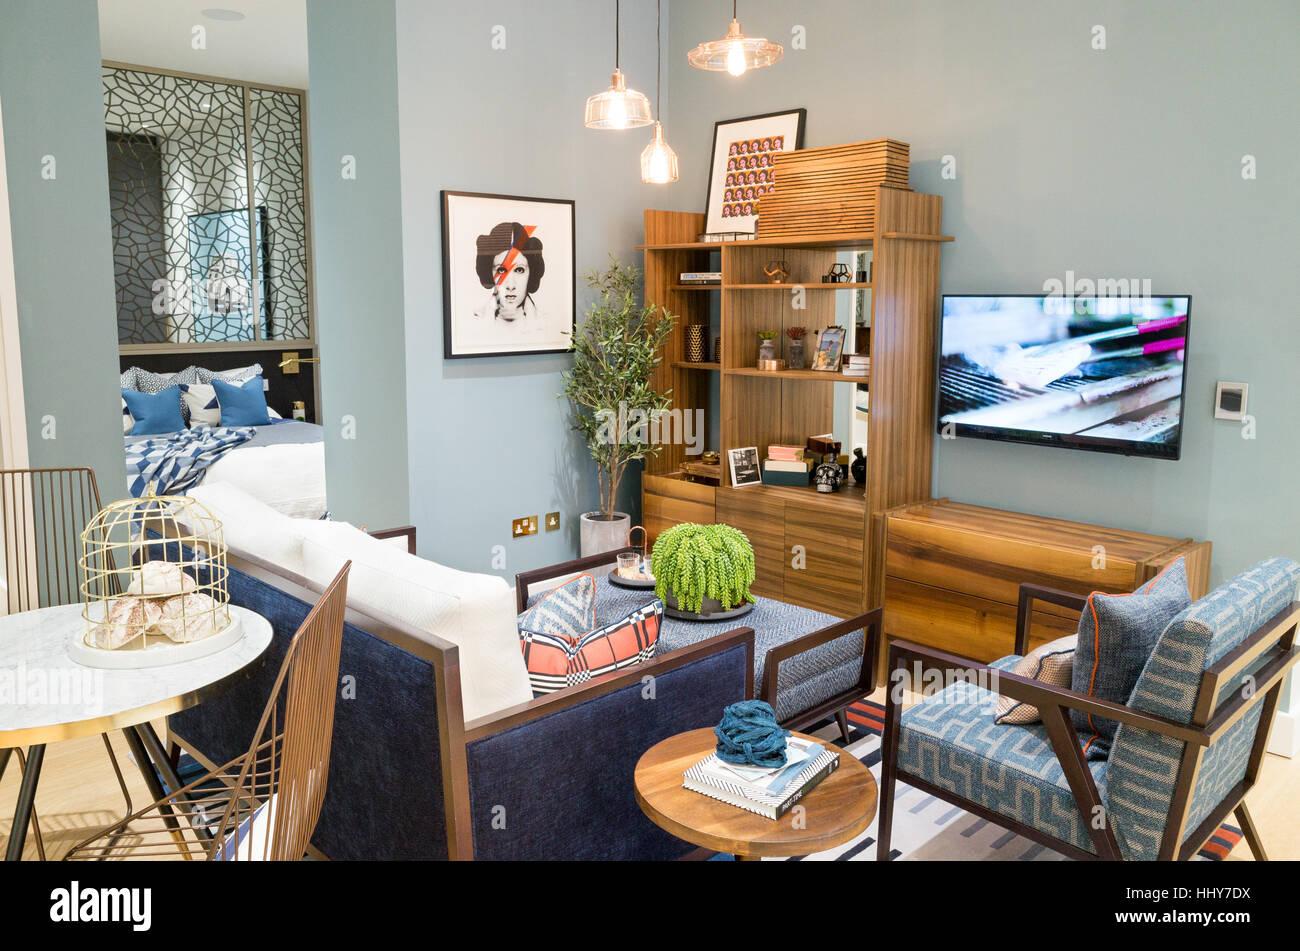 Vacances dans le salon showroom marketing suite d'un nouveau développement immobilier, England, UK Photo Stock